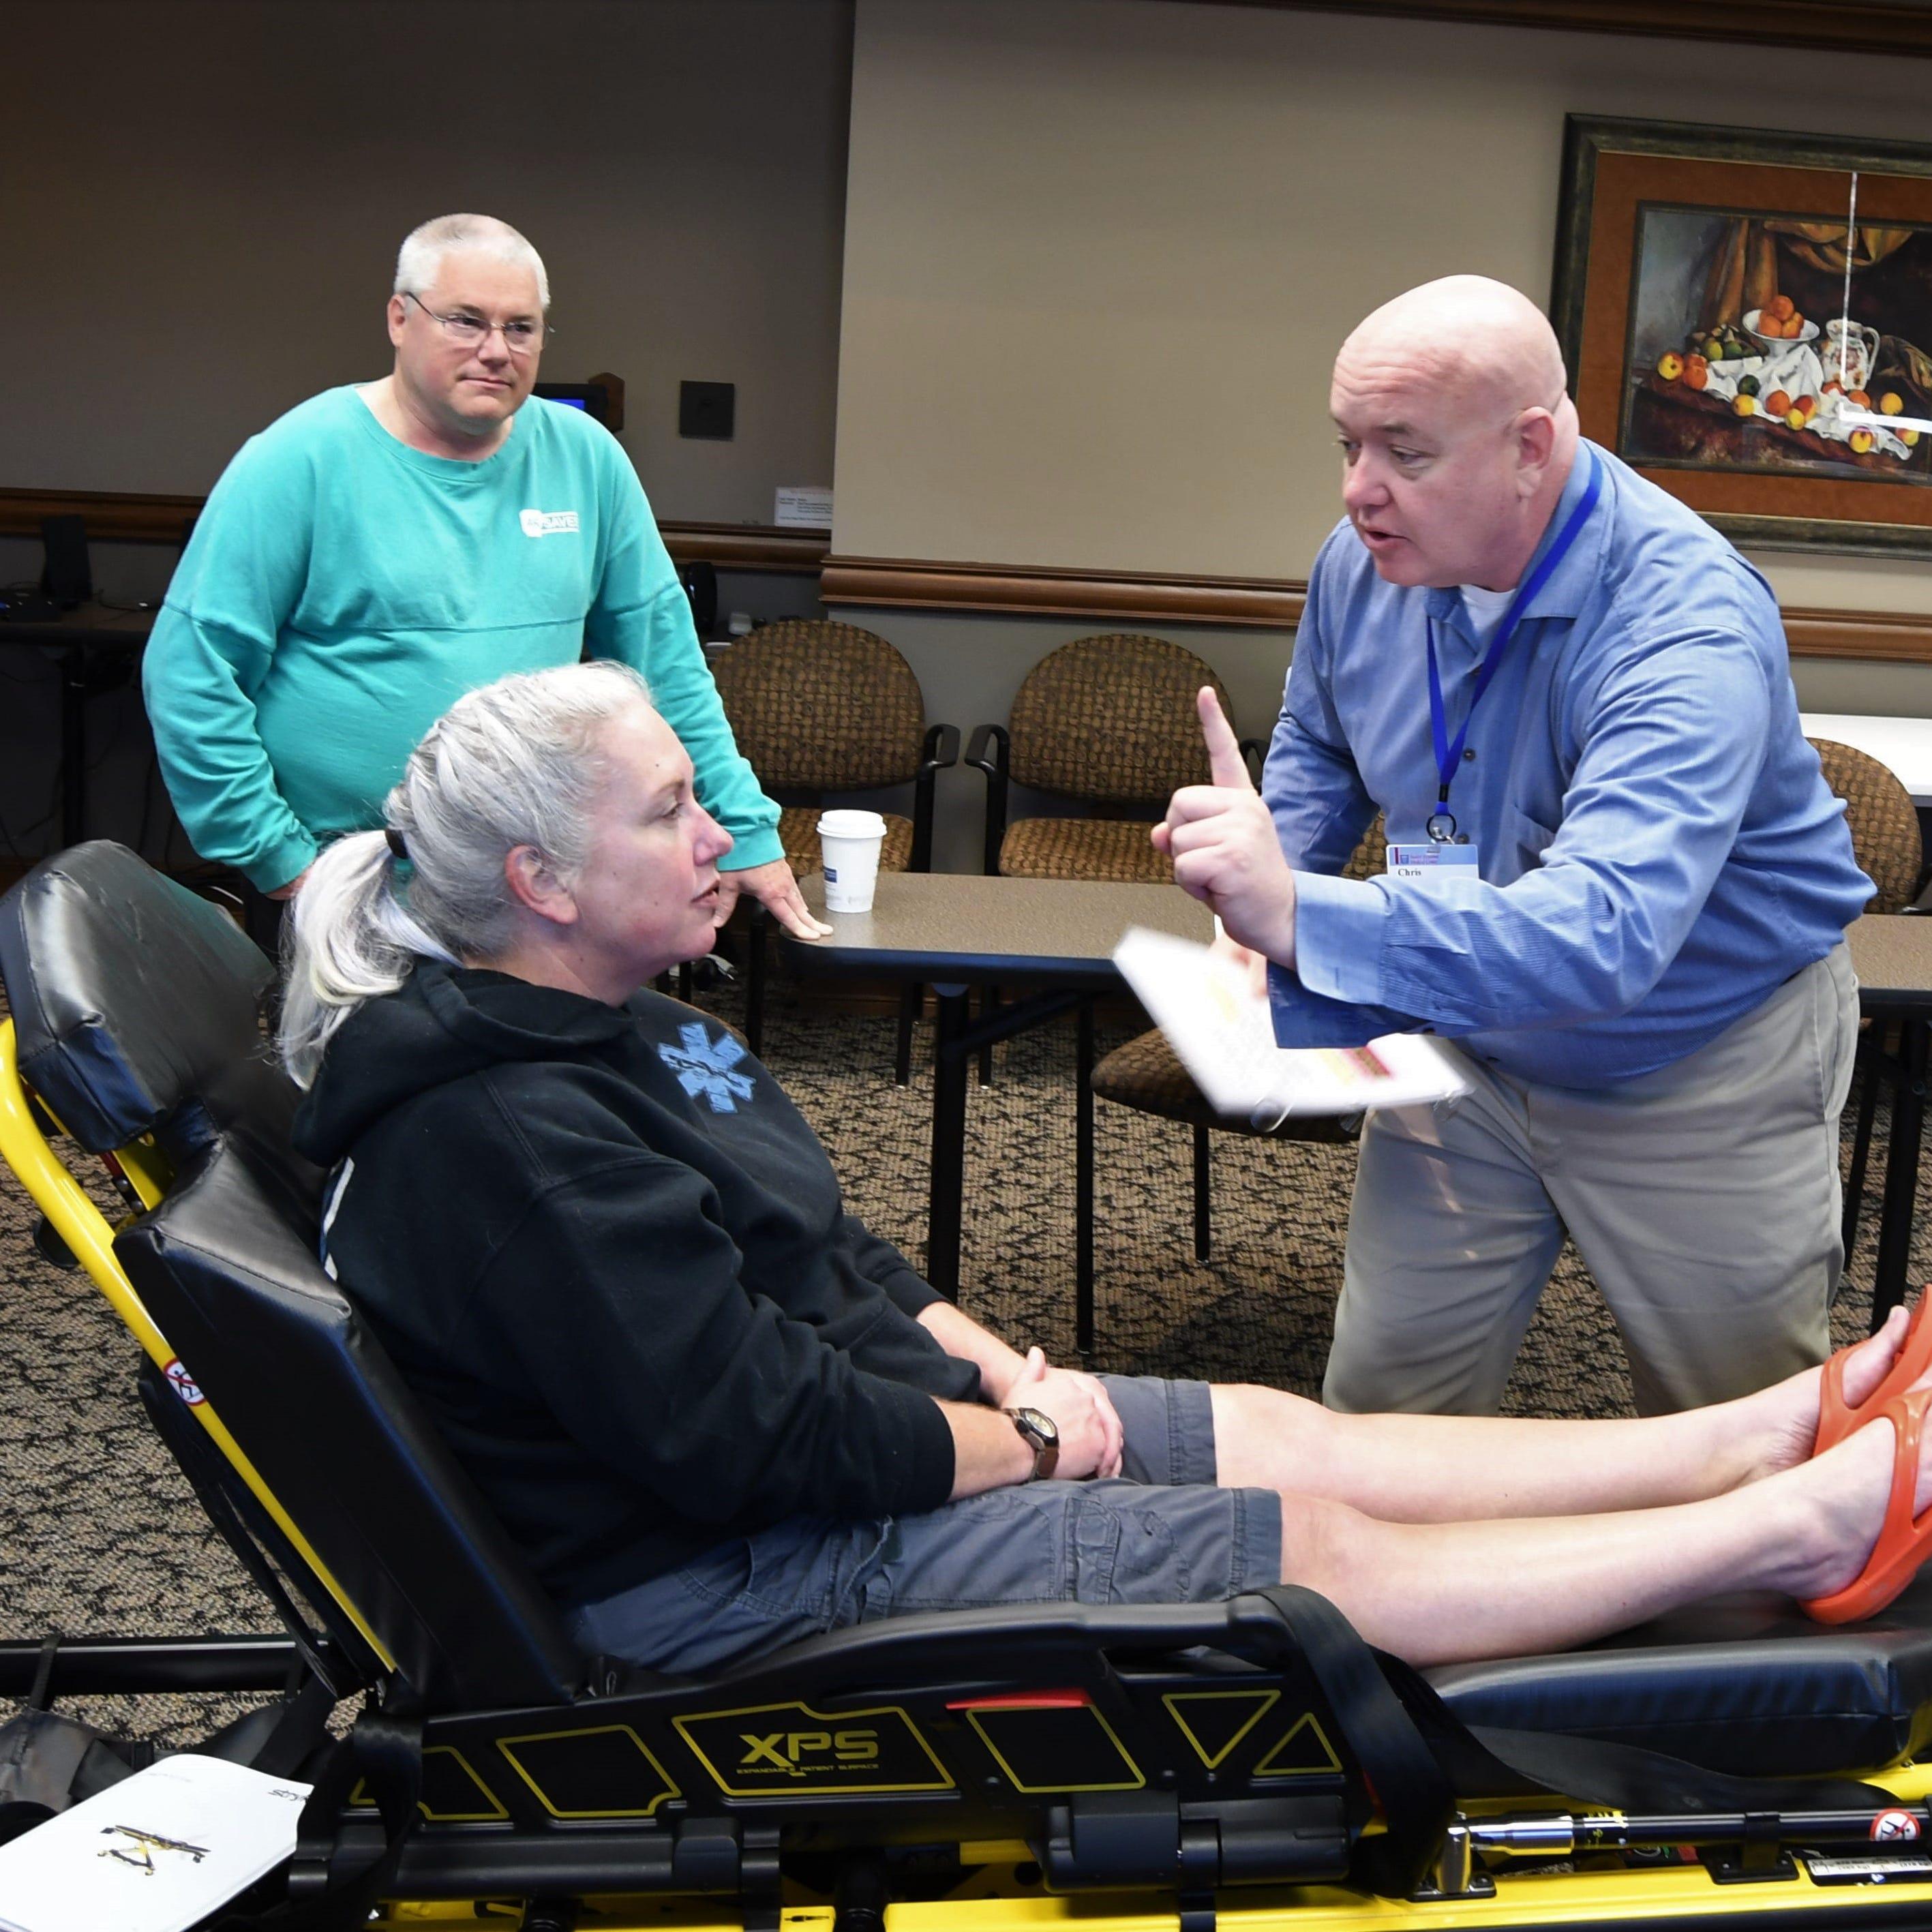 Program will speed up diagnosing strokes